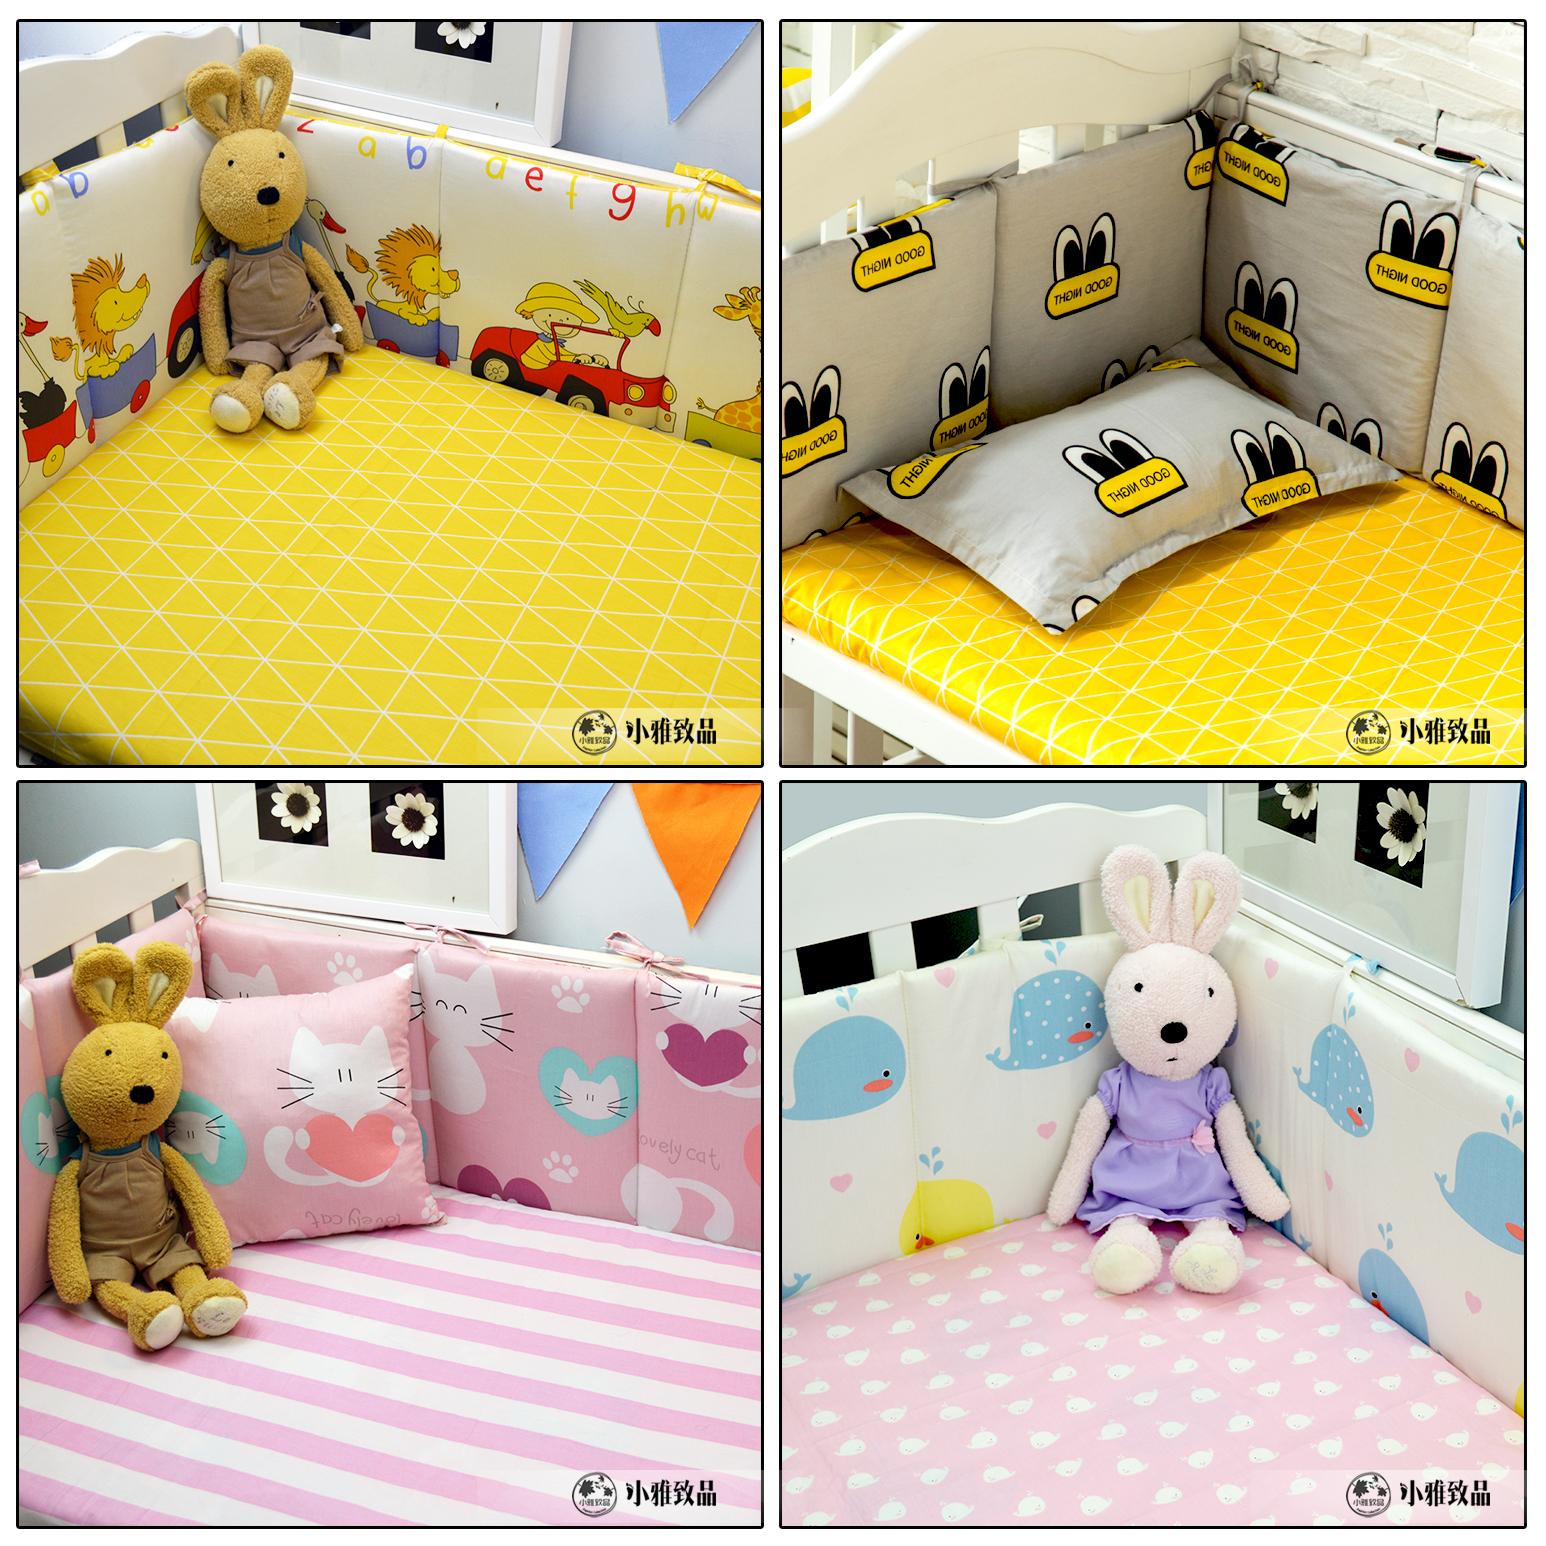 Авария кровать вокруг комплект сделанный на заказ ребенок ребенок младенец младенец четыре сезона кровать занавес хлопок постельные принадлежности индивидуальный кровать для младенца кровать вокруг